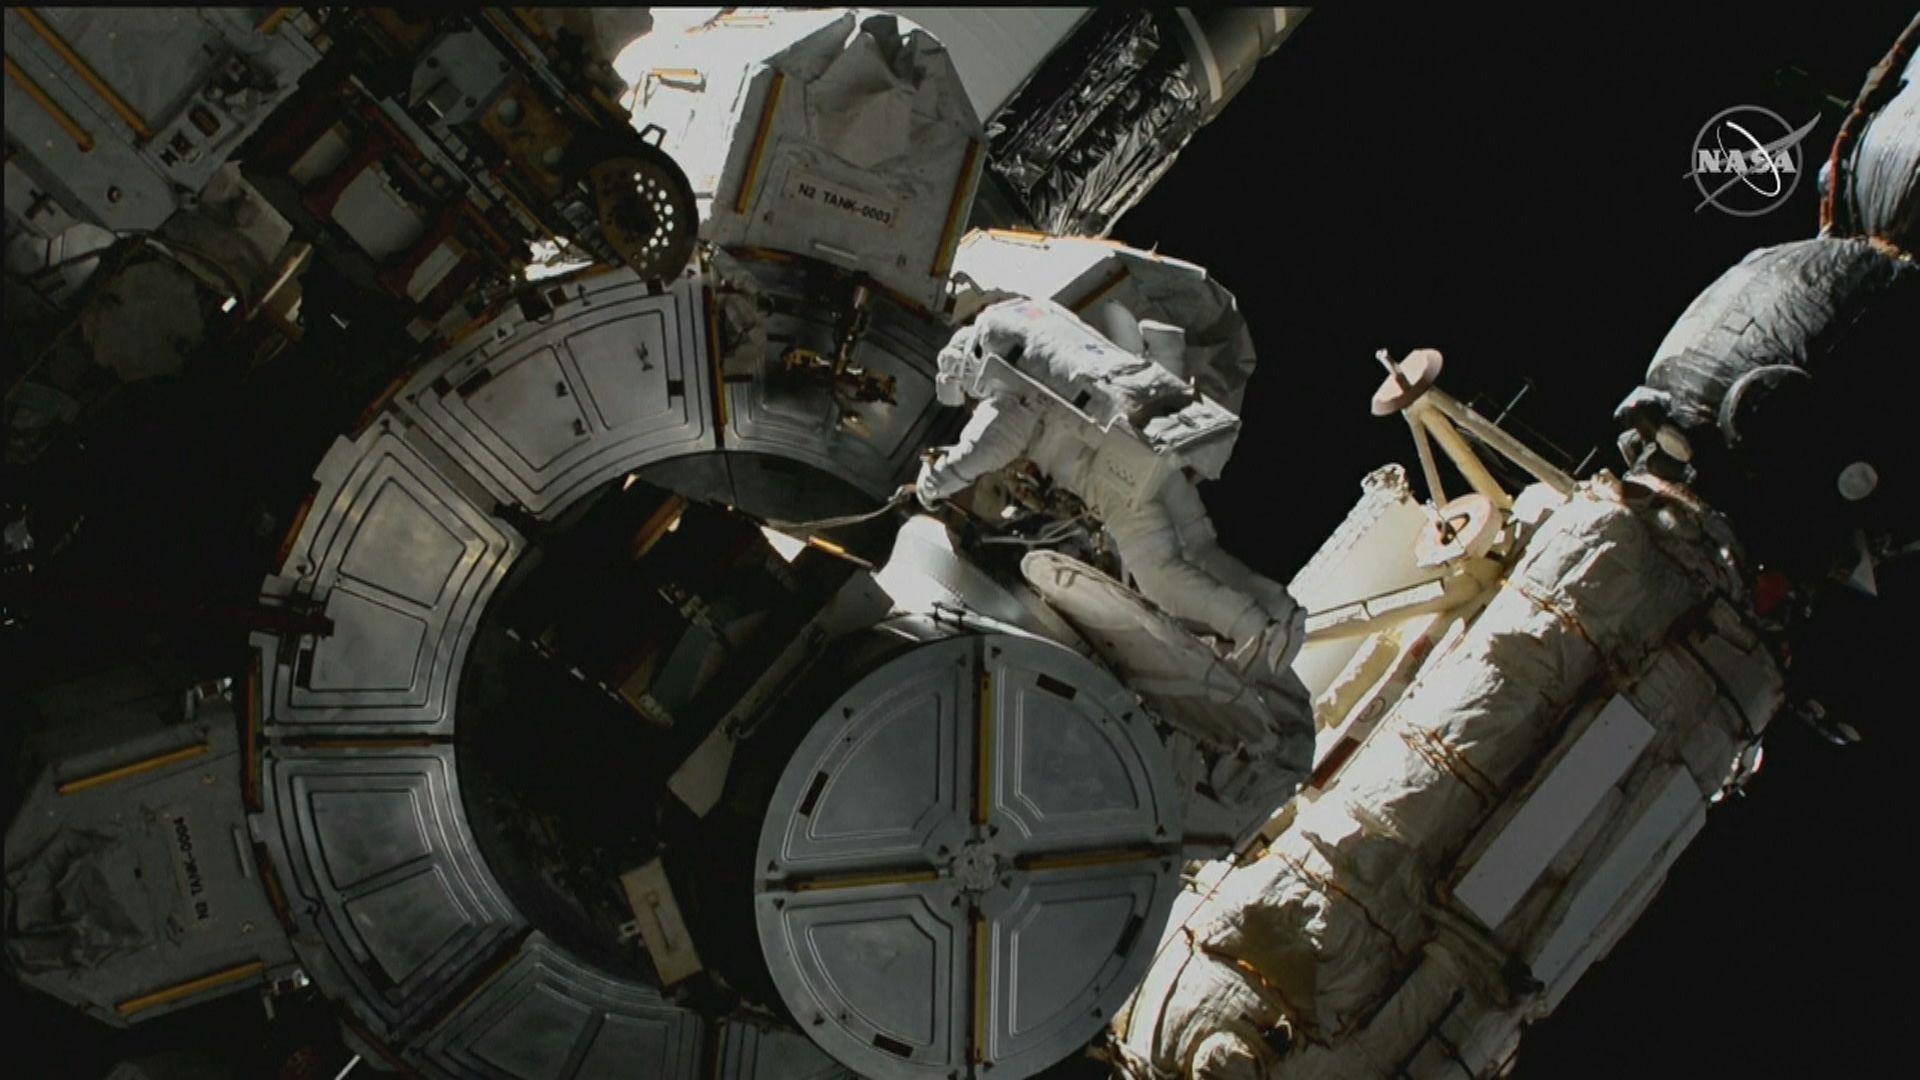 【環球薈報】國際太空站發現四種細菌其中三種屬新品種